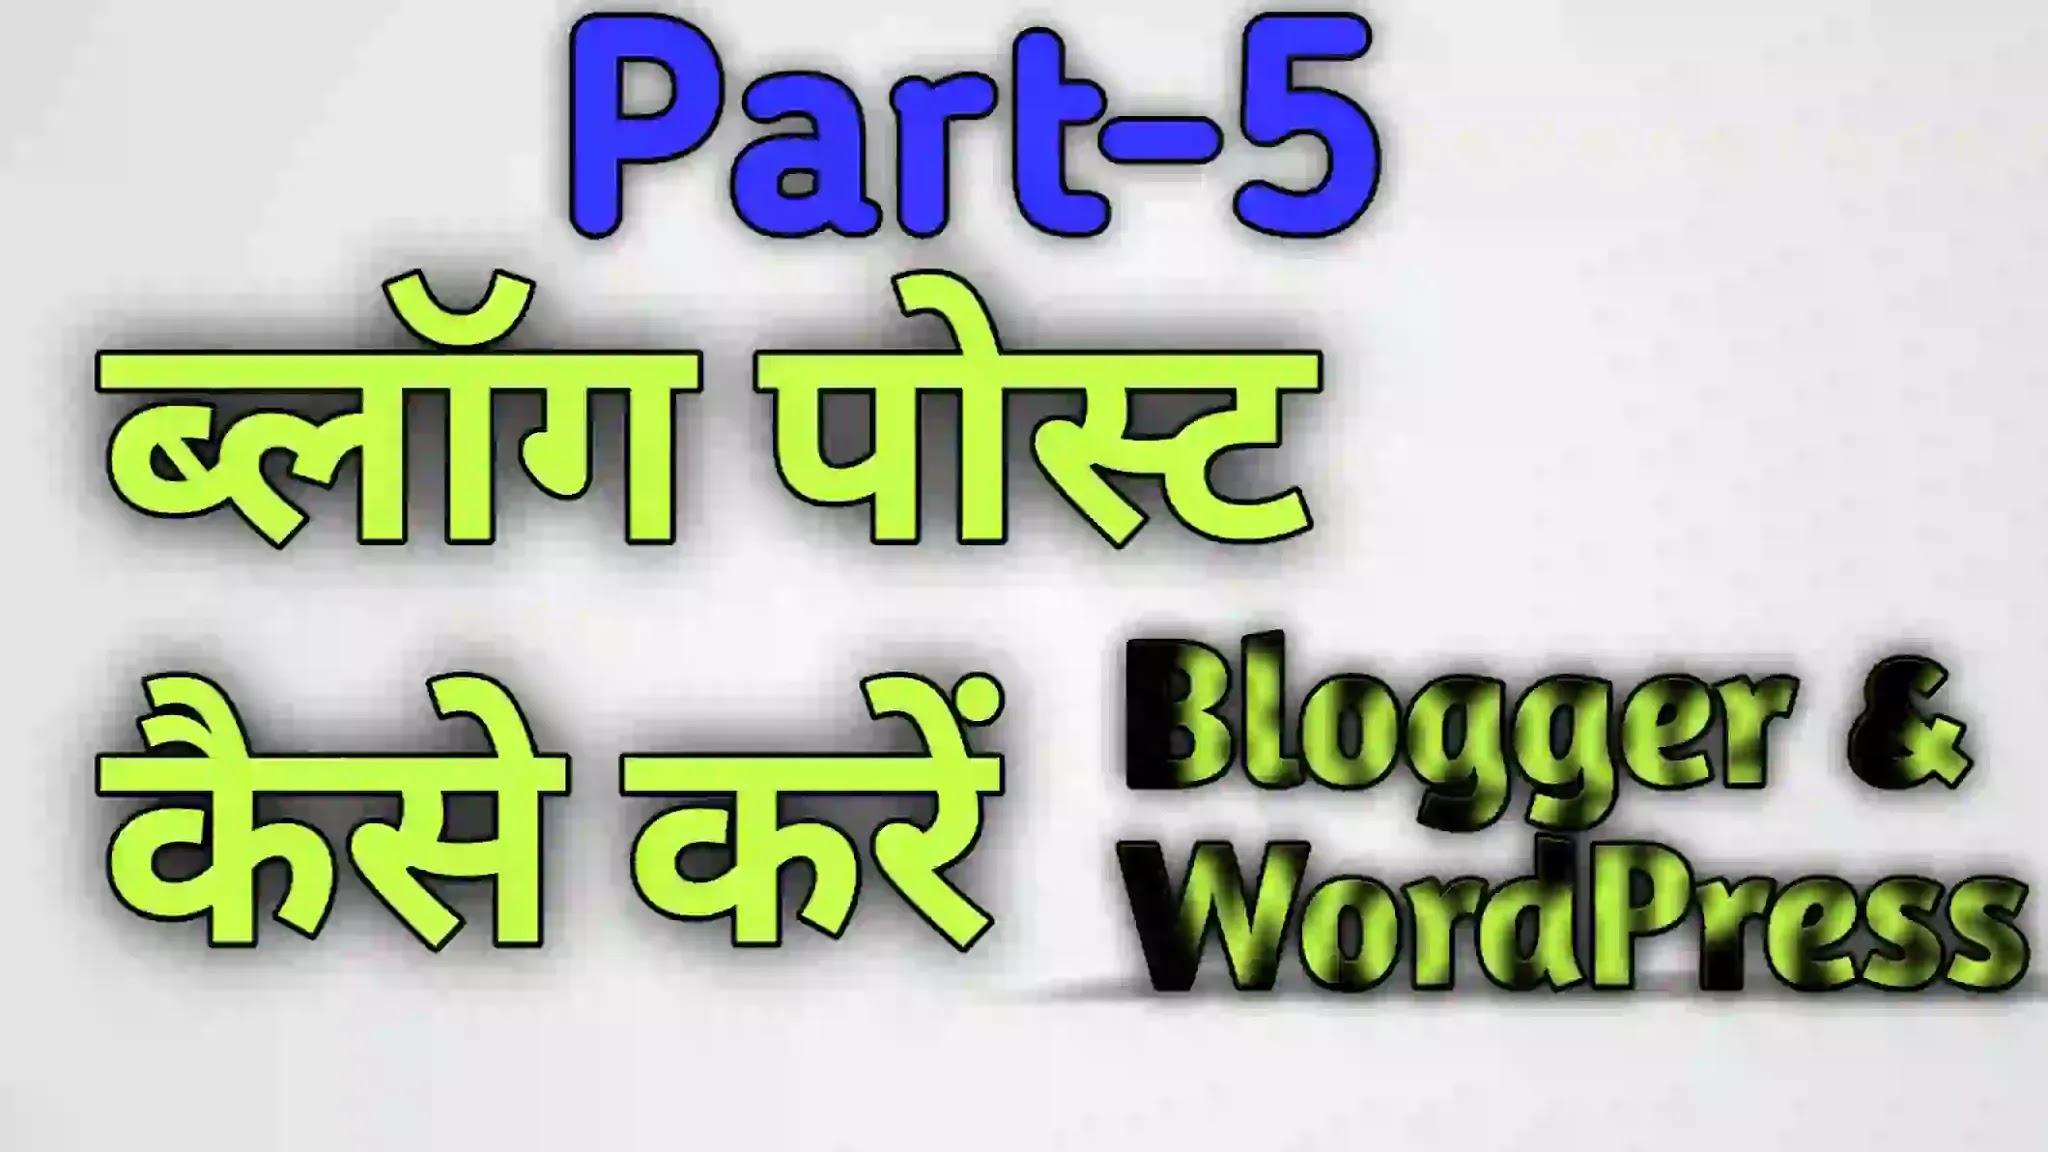 Blog Post Kaise Kare